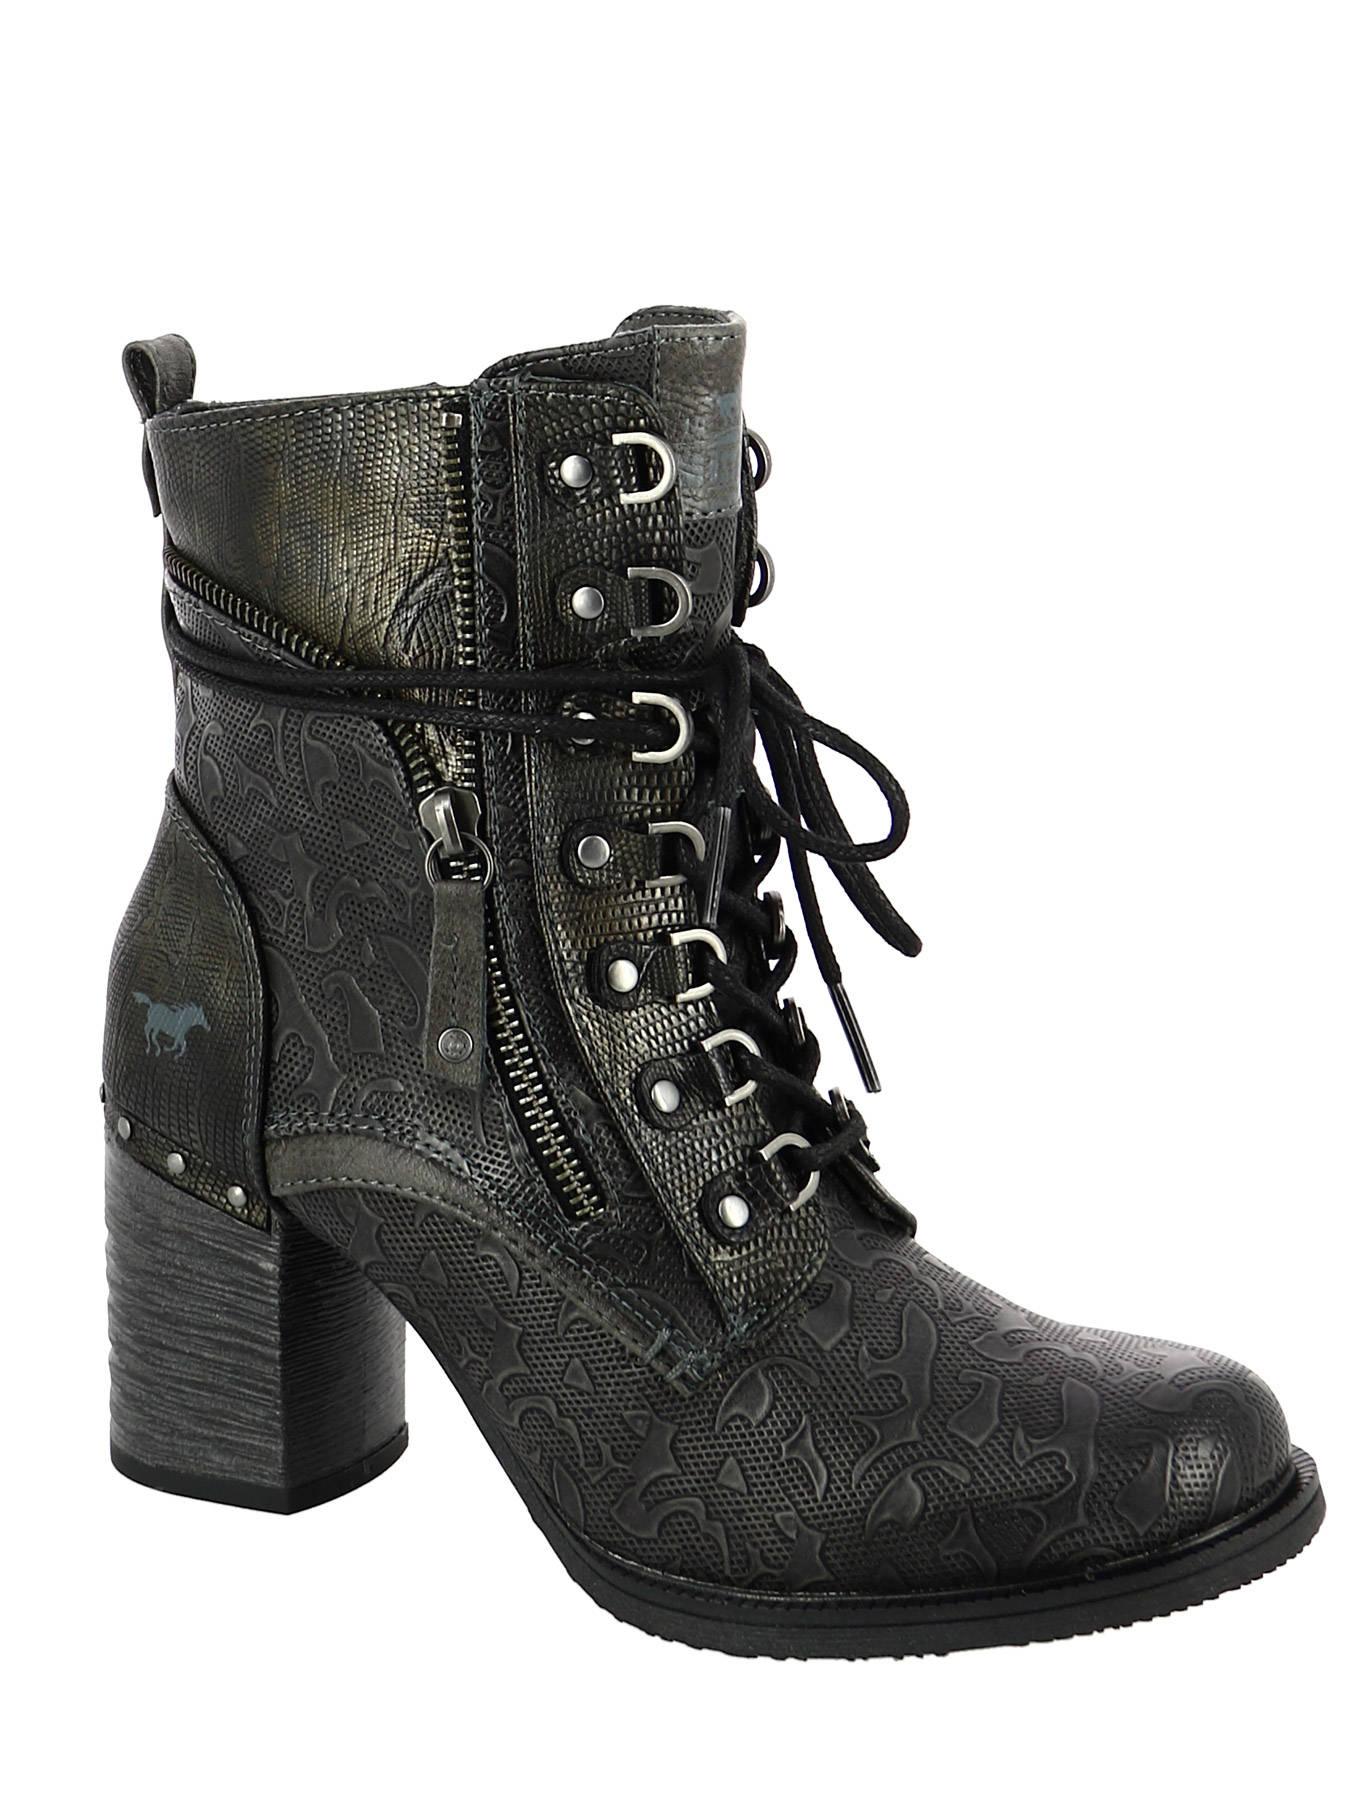 meilleur service 015d0 7113d Boots MUSTANG